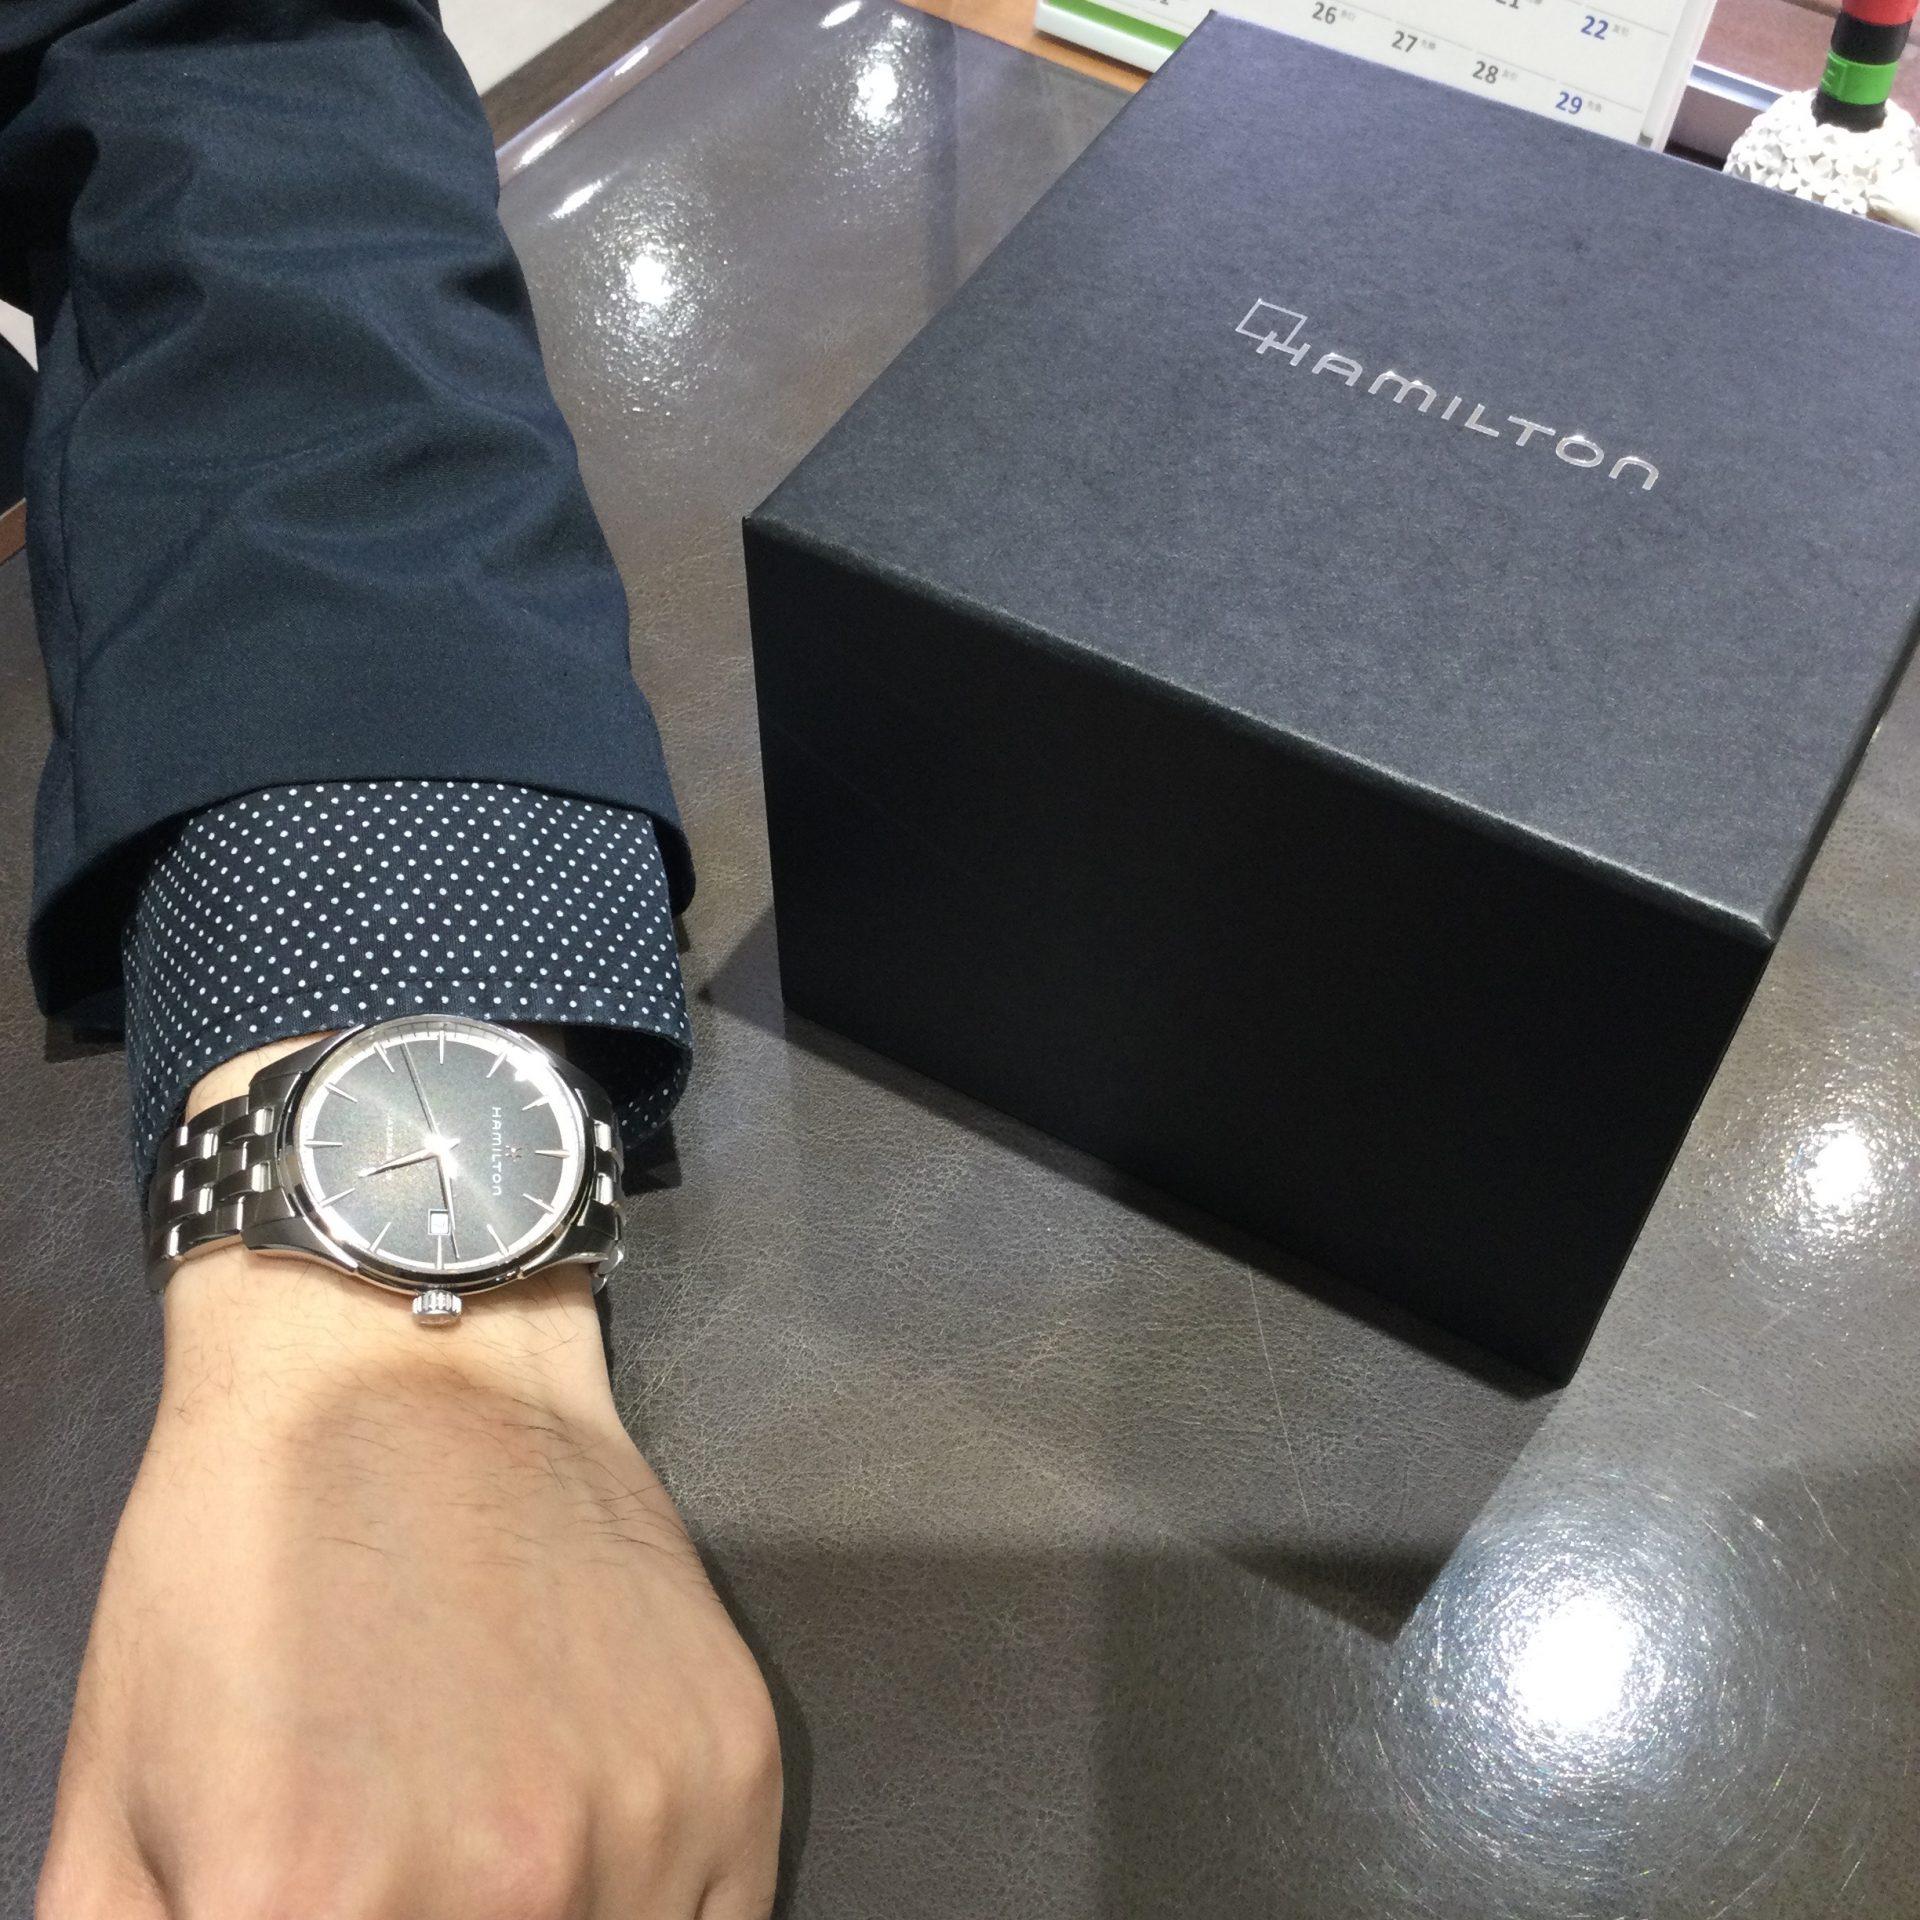 ハミルトンのお時計をお買い上げ頂きまして、有難うございます! 画像2